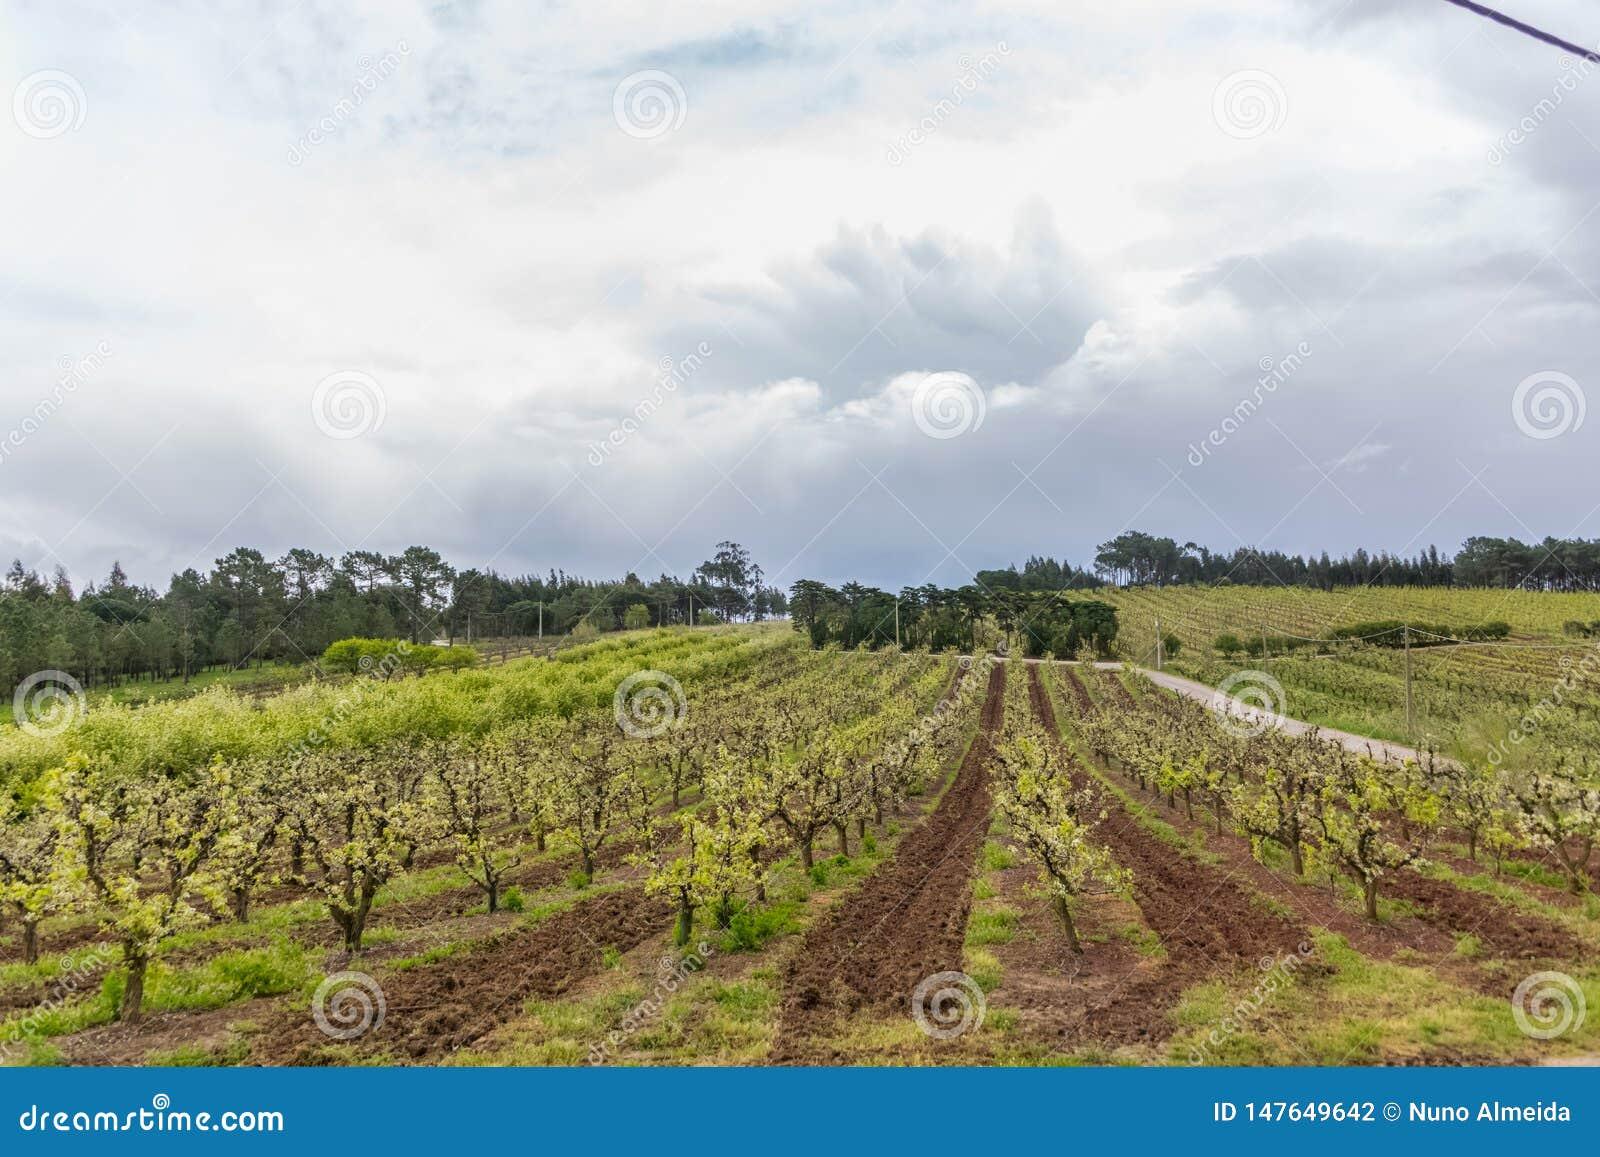 Vista del frutteto con di melo di fioritura, agricoltura biologica